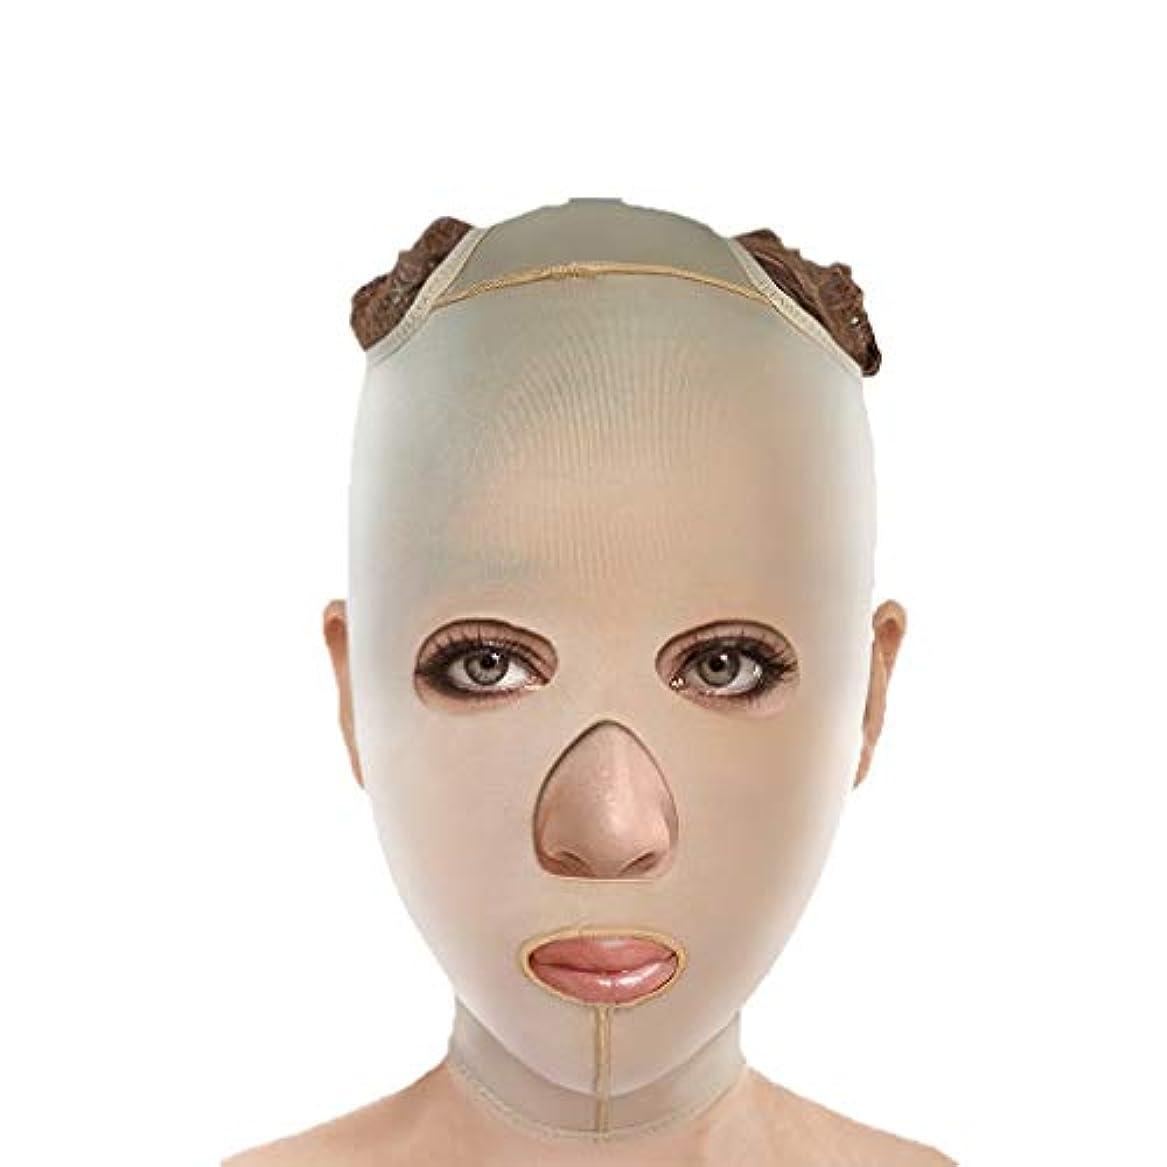 アコード義務頻繁にXHLMRMJ あごのストラップ、フェイスリフティング、アンチエイジングフェイシャルバンデージ、フェイシャル減量マスク、ファーミングマスク、フェイシャルリフティングアーティファクト (Size : L)